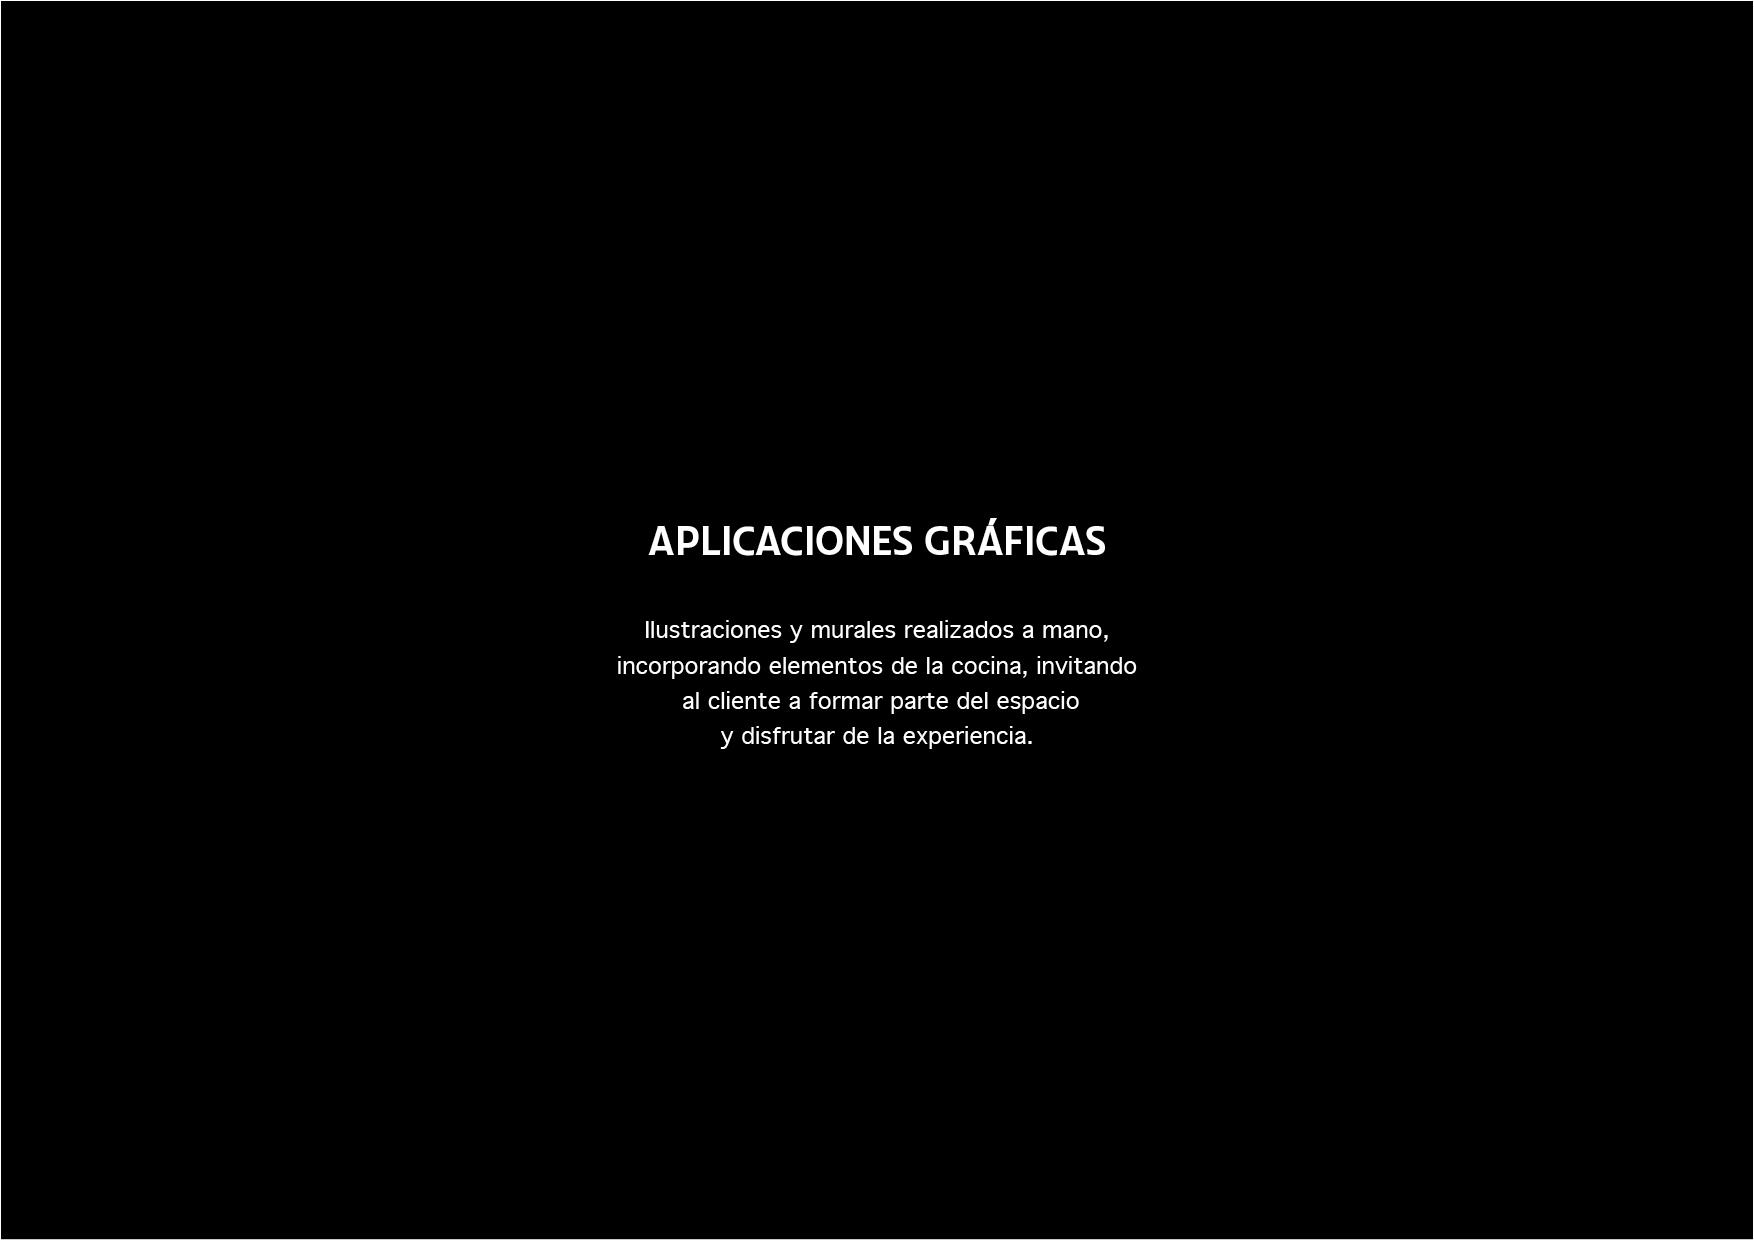 DECORACION Y APLICACIONES8